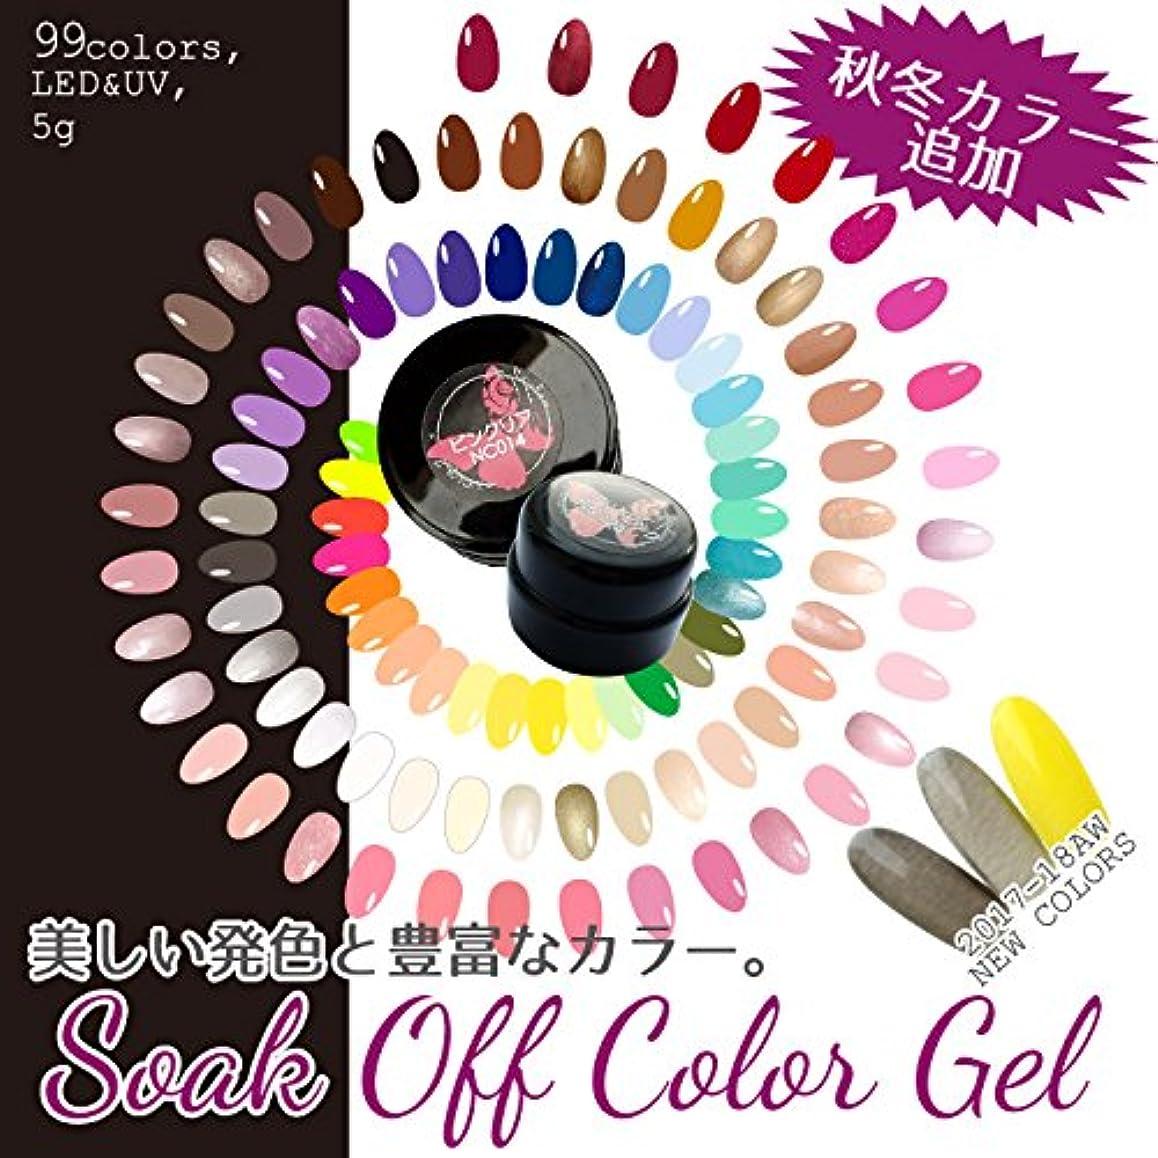 美容師実行雇ったジェルネイル《抜群の発色!》Premium Gel ソークオフ プレミアムカラージェル(5g) (NC042 イエロー)